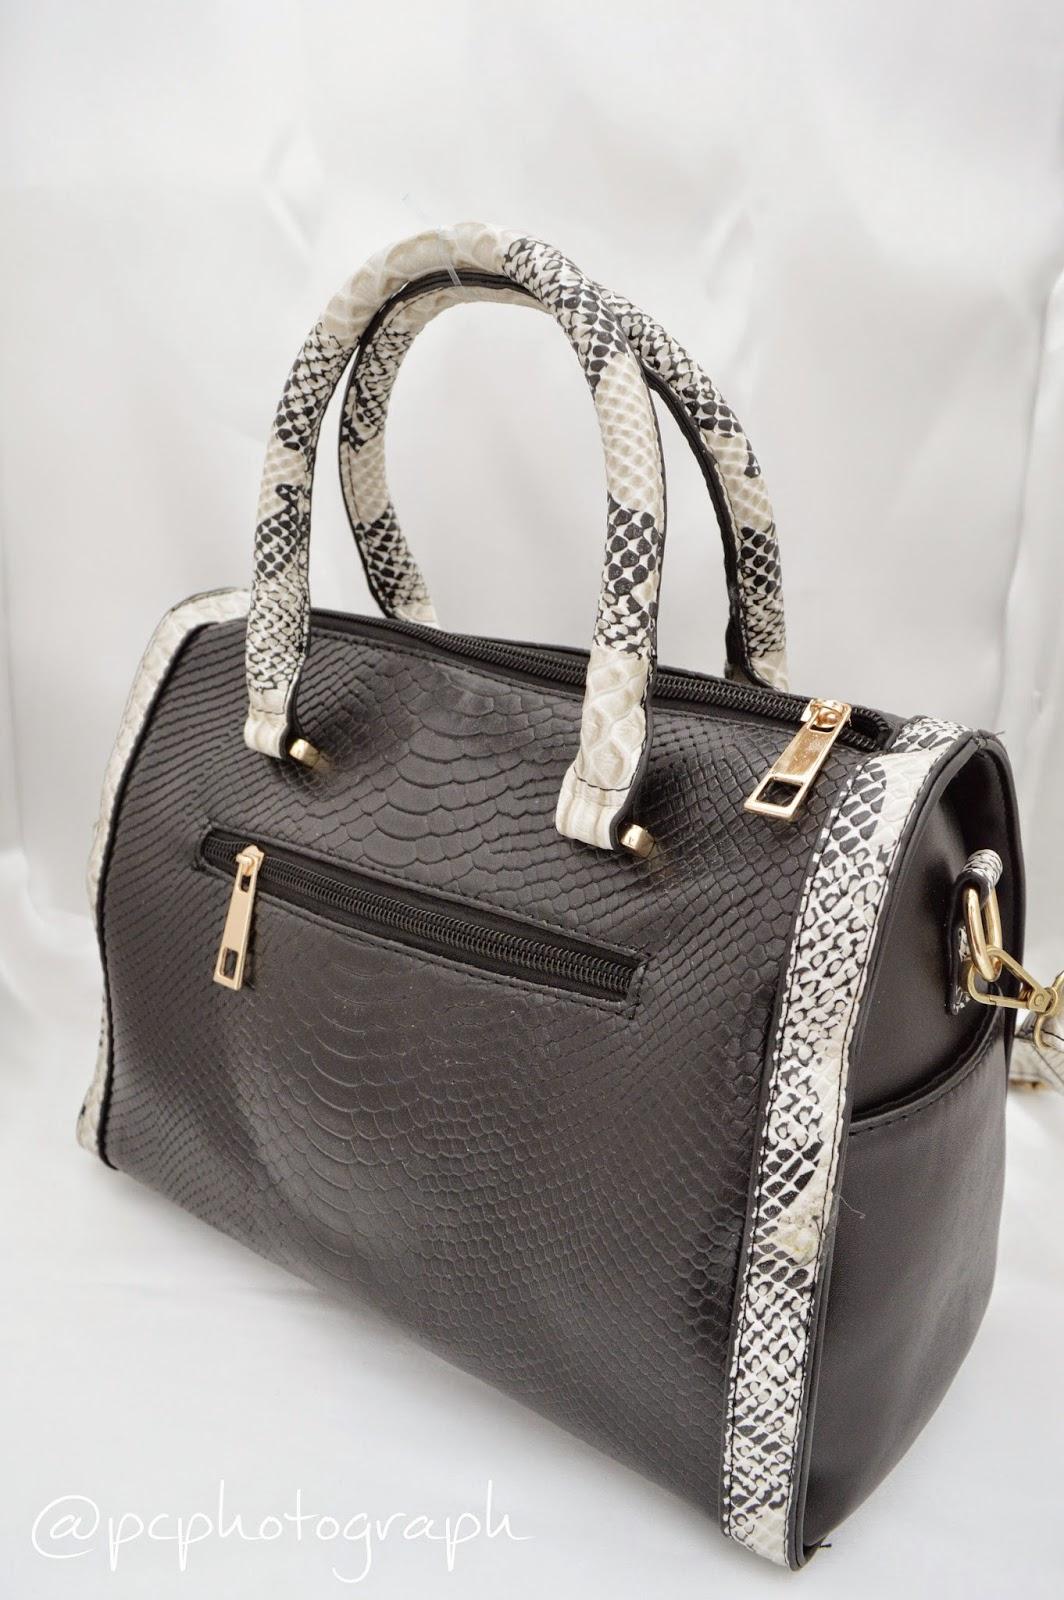 Grosir tas murah yang bertempat di batam dari perfect corner